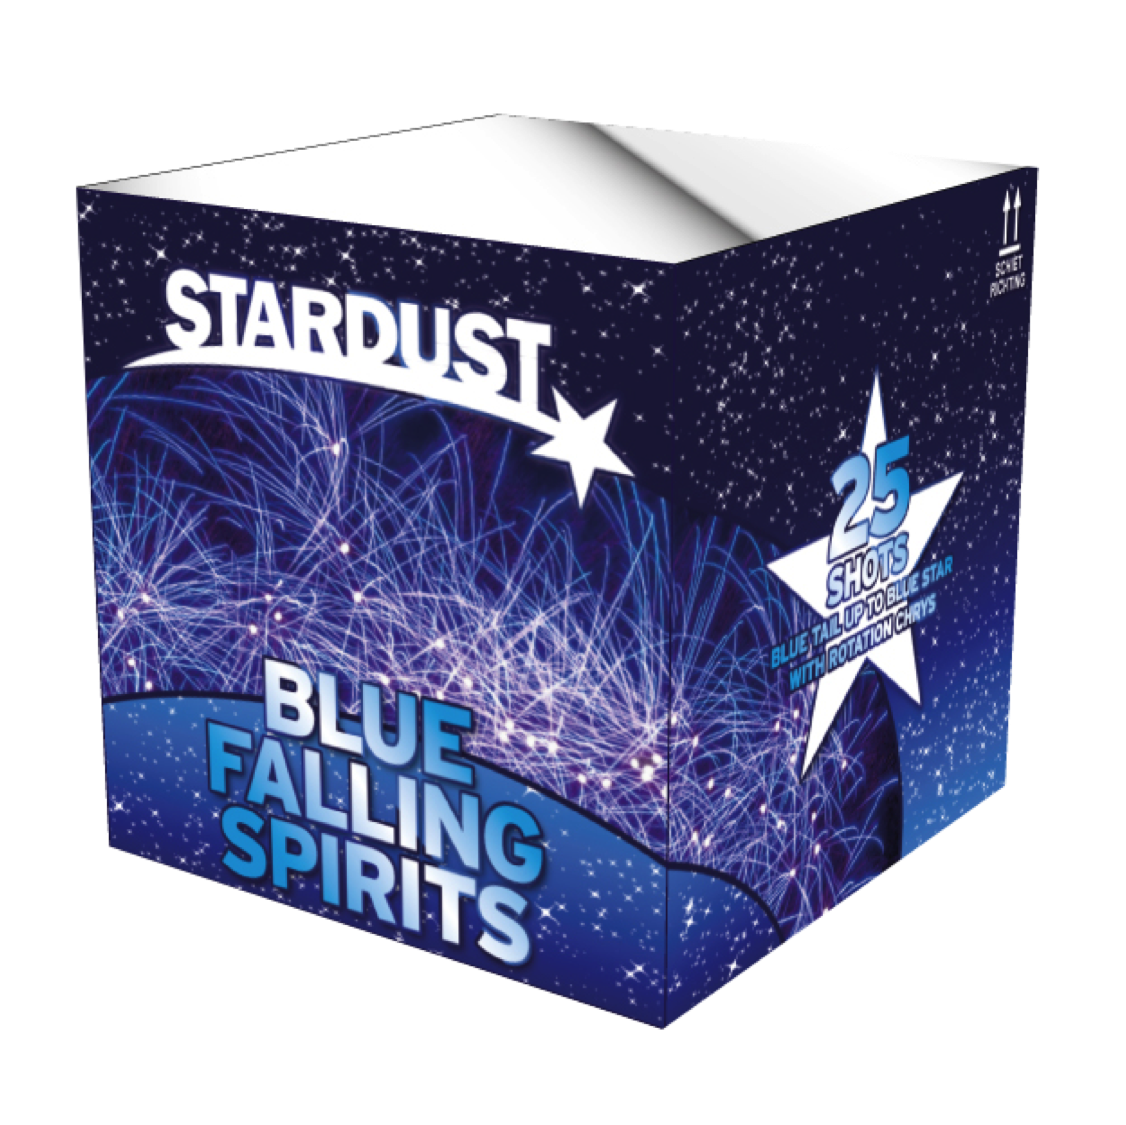 ART. 2202 BLUE FALING SPIRITS (SD-03), 25 SHOTS